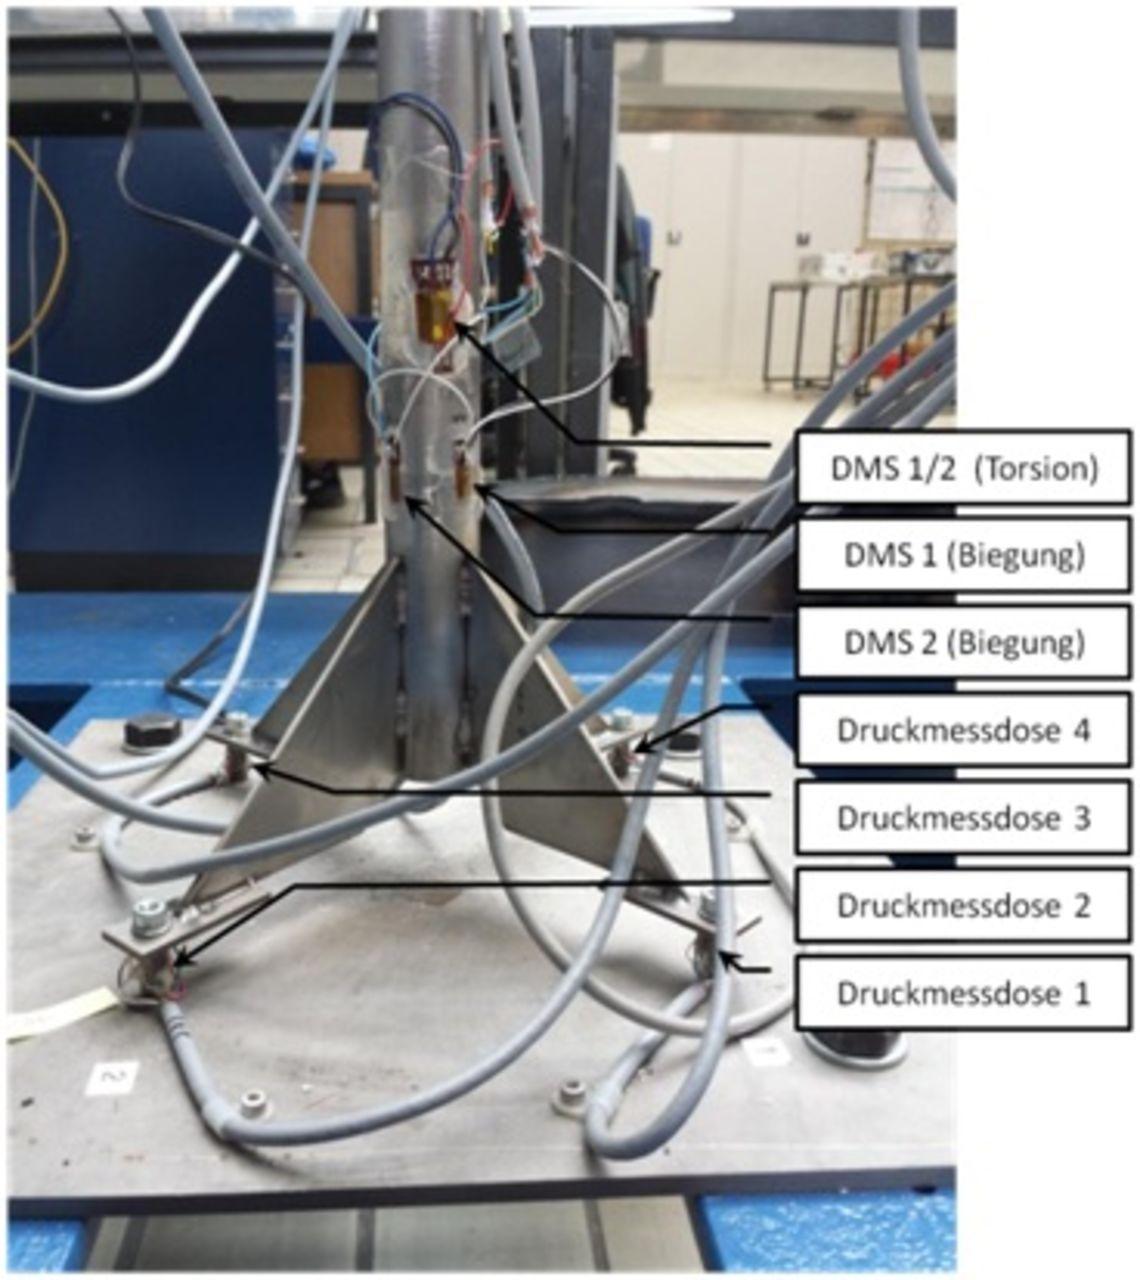 DMS-Messung: Zug, Druck, Biegung, Torsion